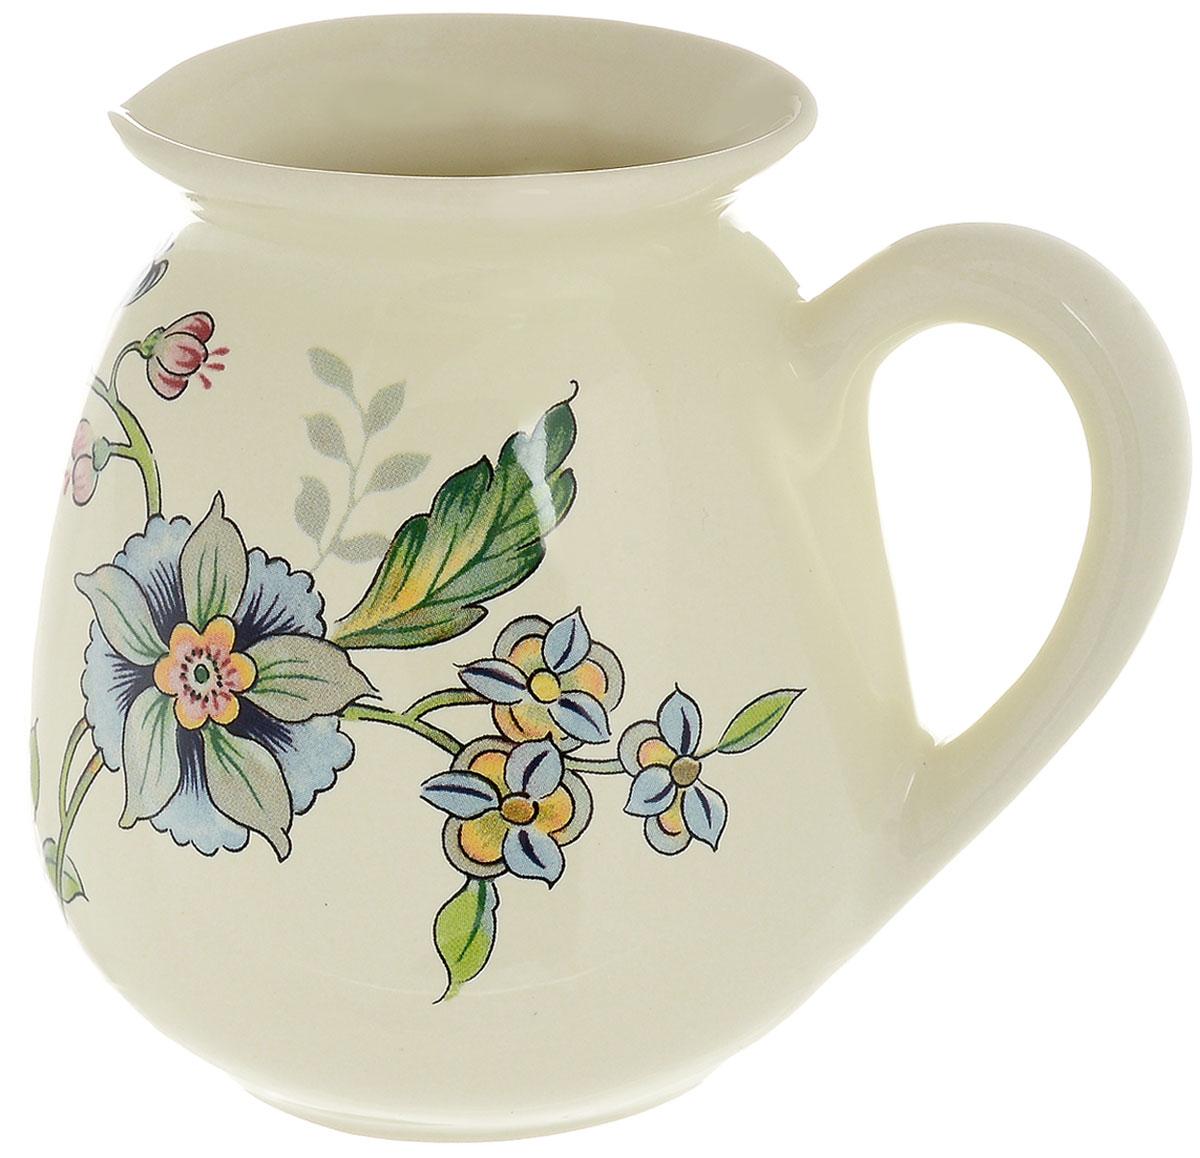 Молочник Nuova Cer Прованс, 350 мл115510Молочник Nuova Cer Провансвыполнен из высококачественной керамики. Изделие станет незаменимым аксессуаром для тех, кто любит пить кофе или чай с добавлением молока.Дизайн молочника придется по вкусу и ценителям классики, и тем, кто предпочитает утонченность и изысканность. Также молочник послужит приятным и практичным подарком. Изделие нельзя мыть в посудомоечной машине.Диаметр молочника по верхнему краю: 7 см.Высота молочника: 11 см.